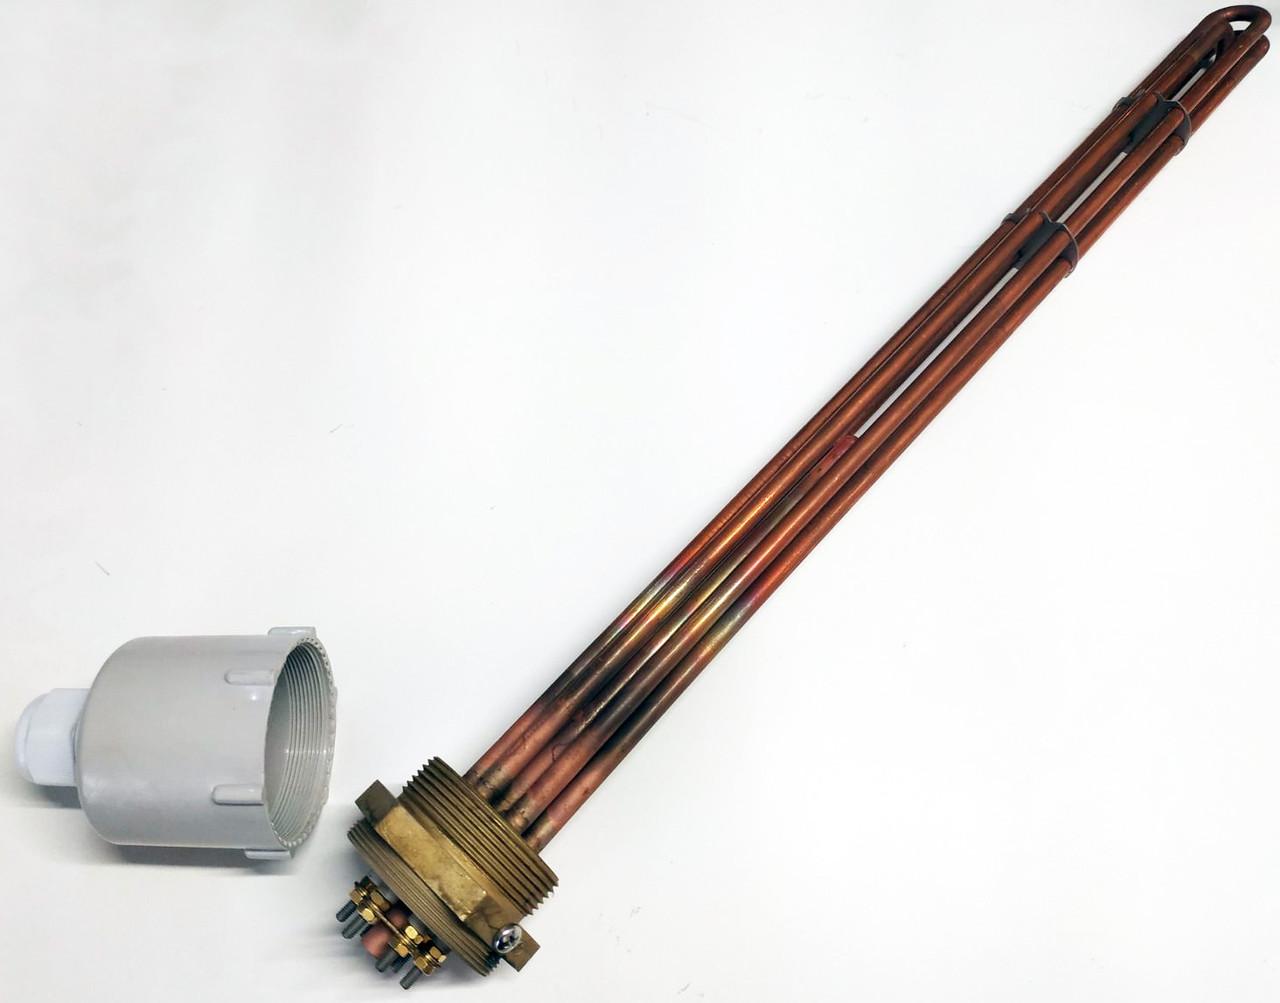 Блок ТЭН прямой медный 15000W/380V для котлов, систем отопления и подогрева воды